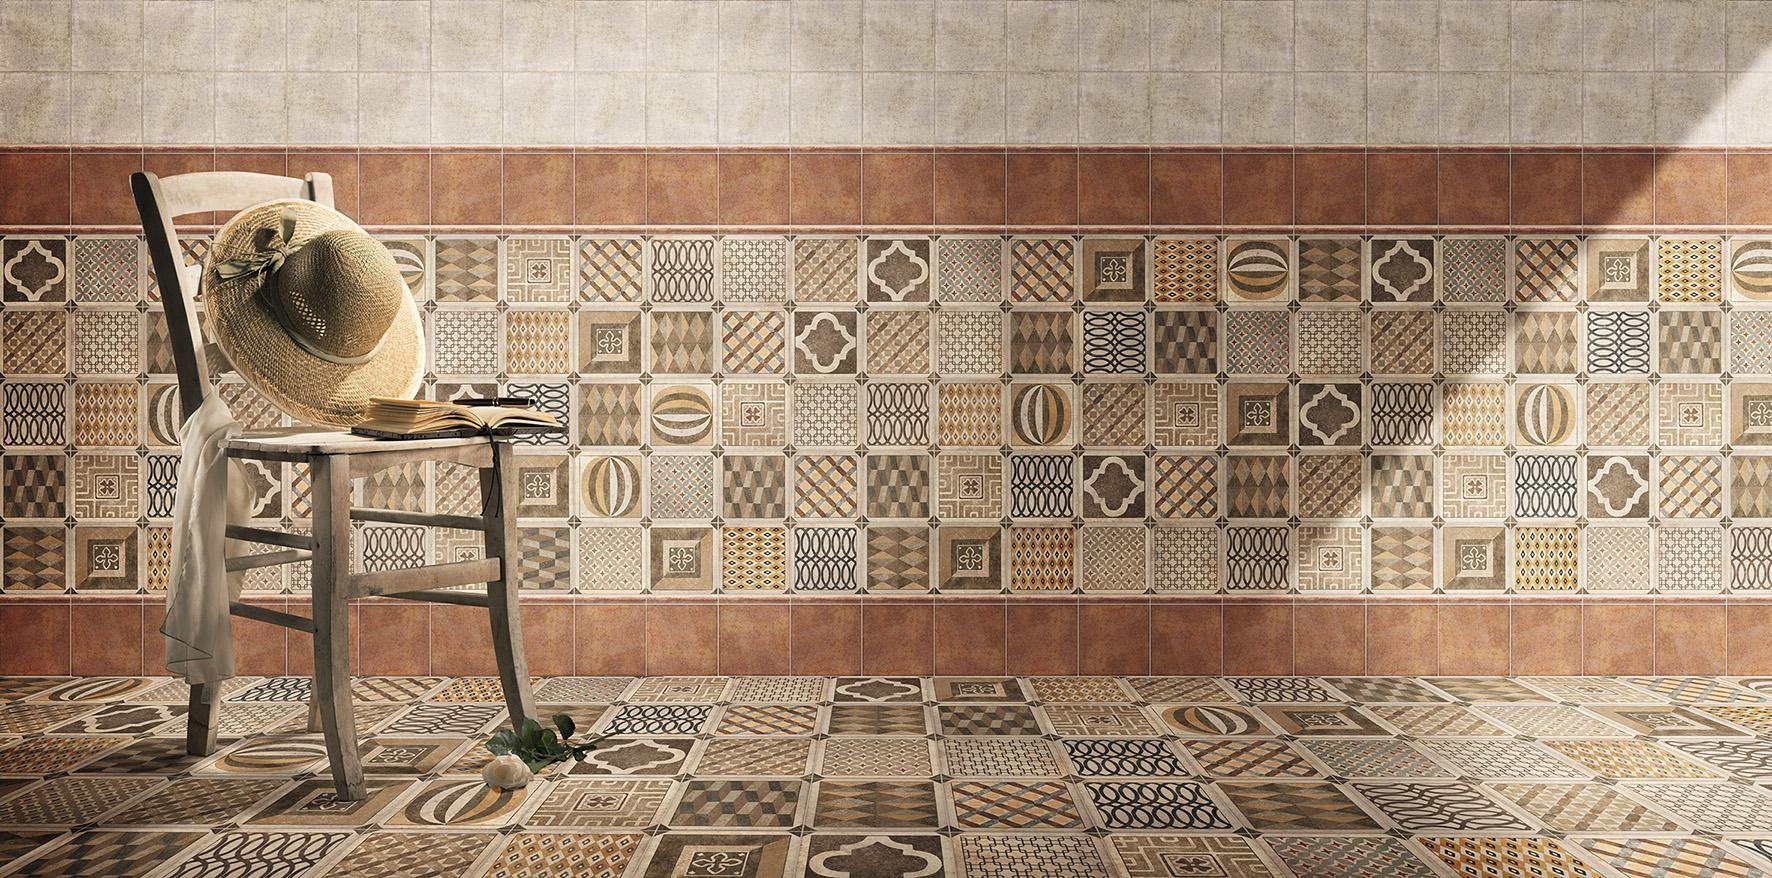 Испанская Напольная Плитка: 240+ (Фото) в Ванной, Кухни ...